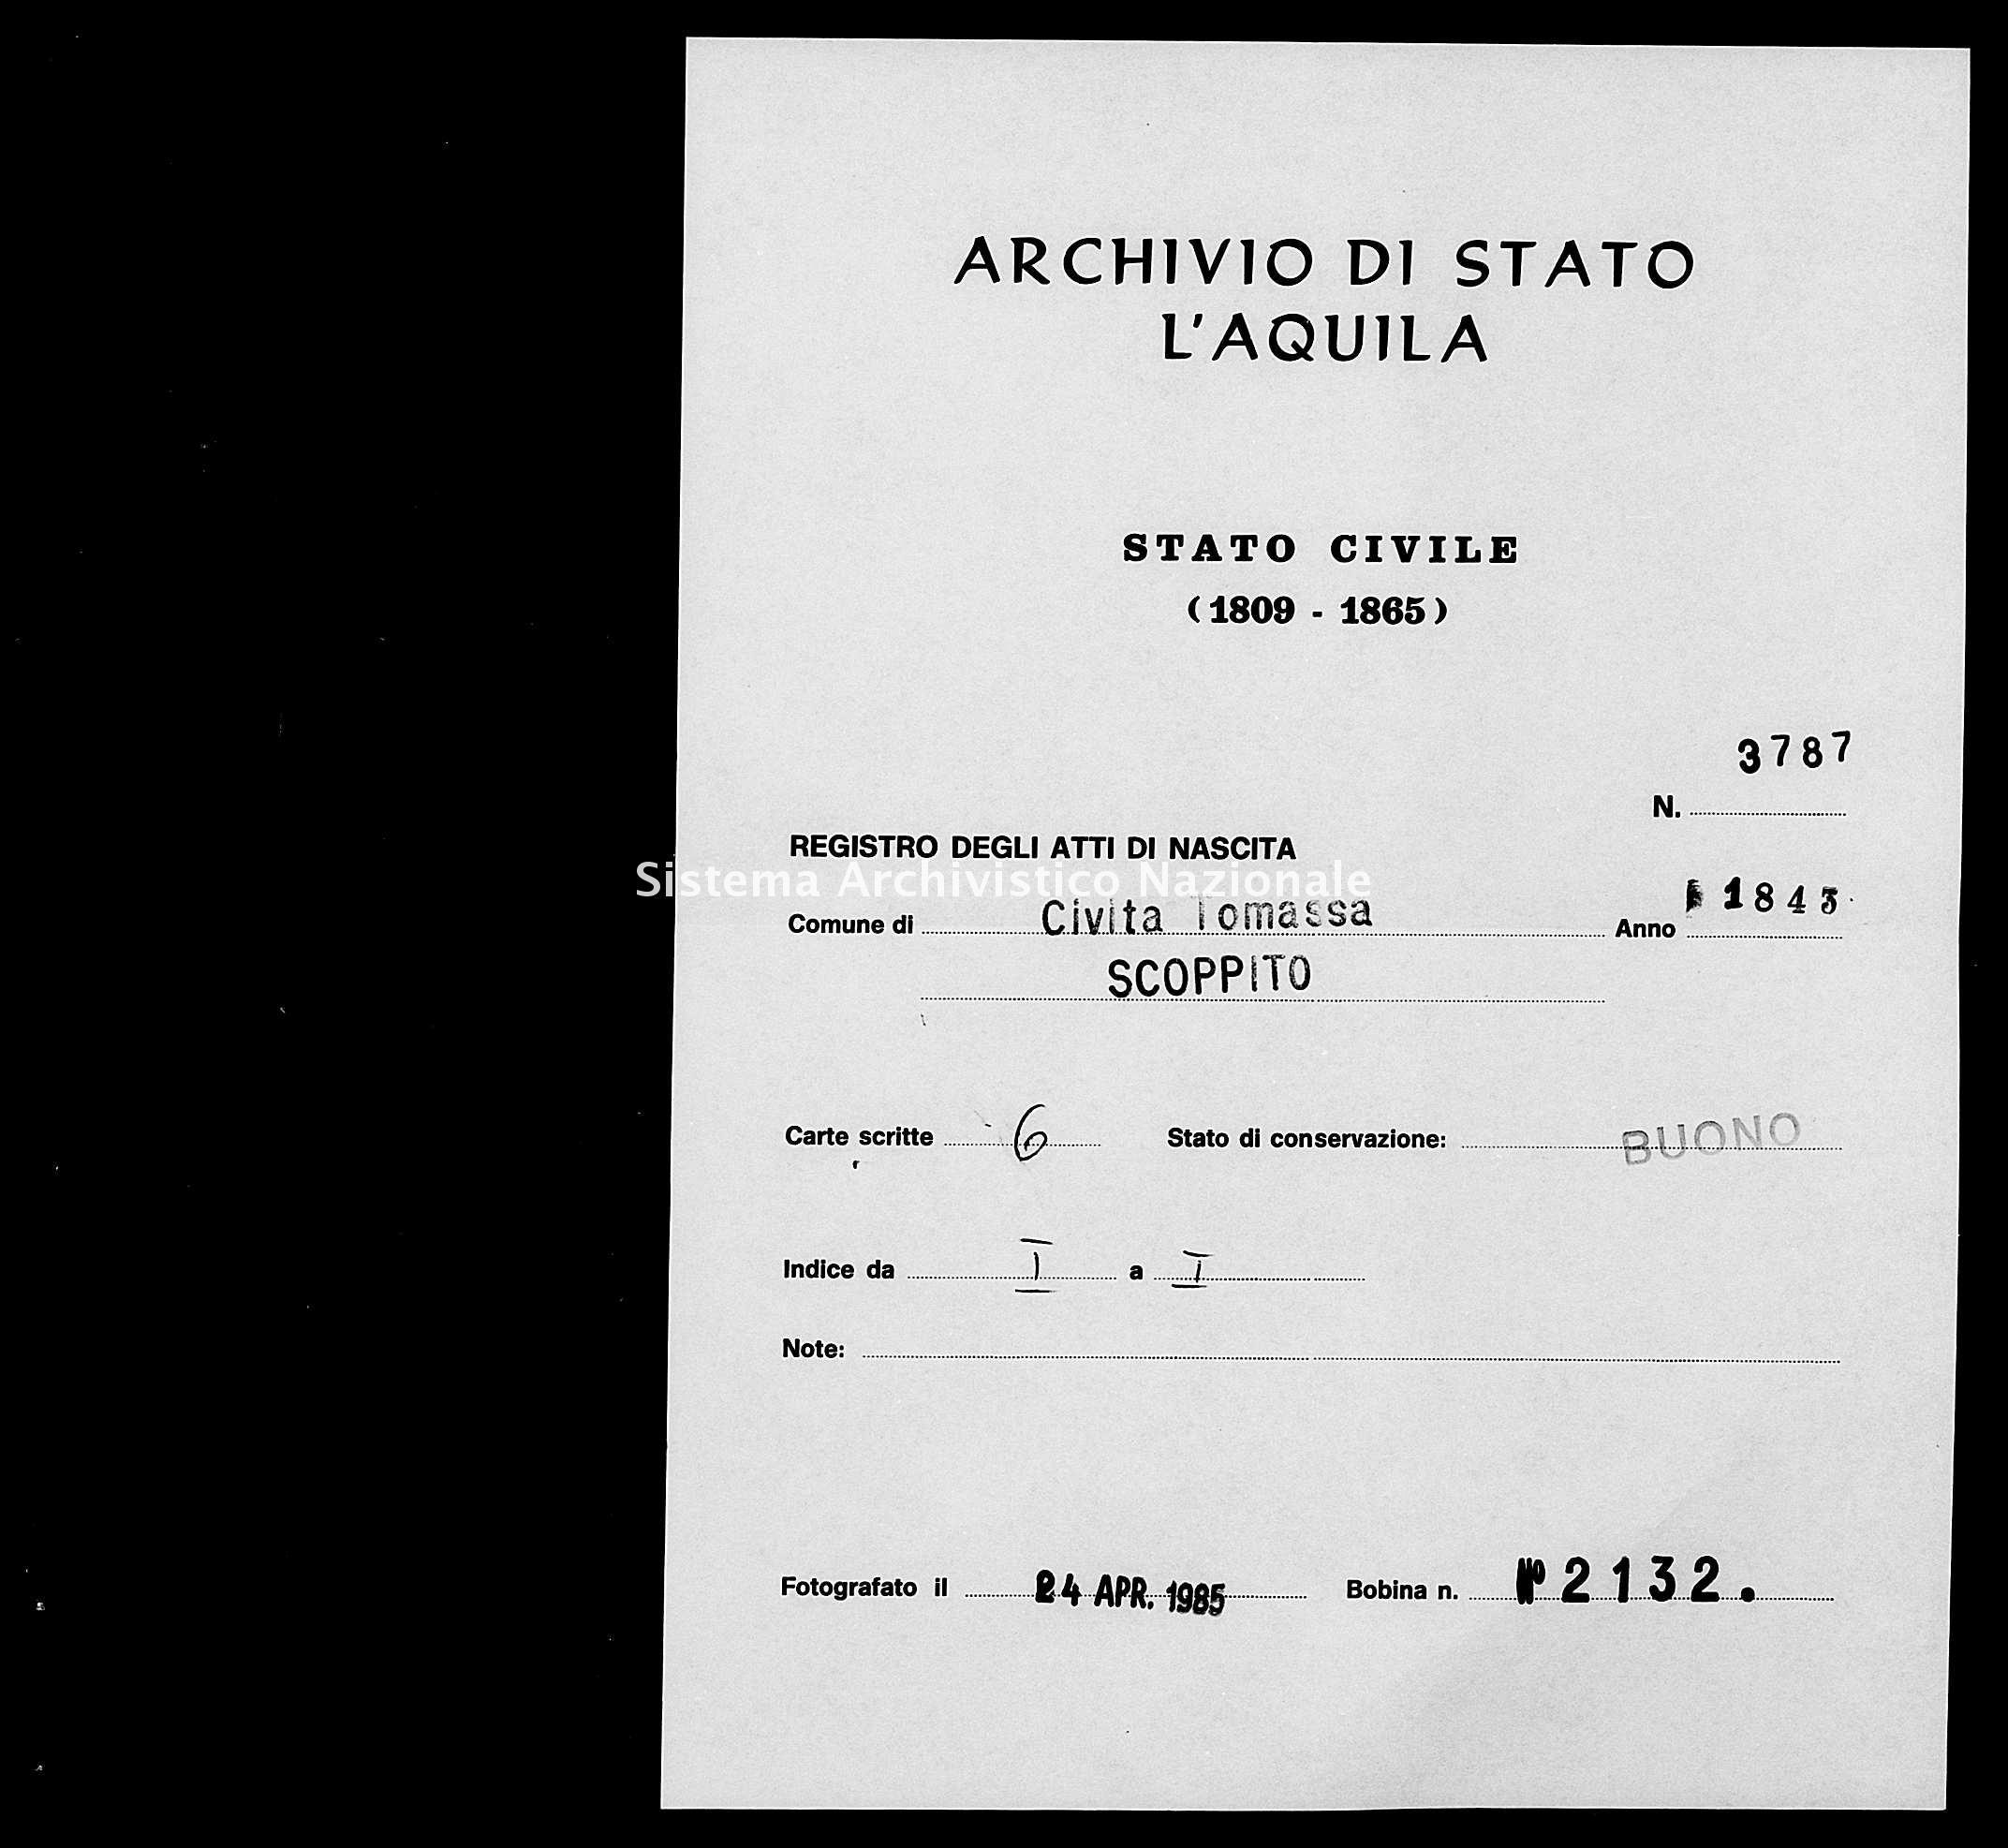 Archivio di stato di L'aquila - Stato civile della restaurazione - Civitatomassa - Nati - 1843 - 3787 -